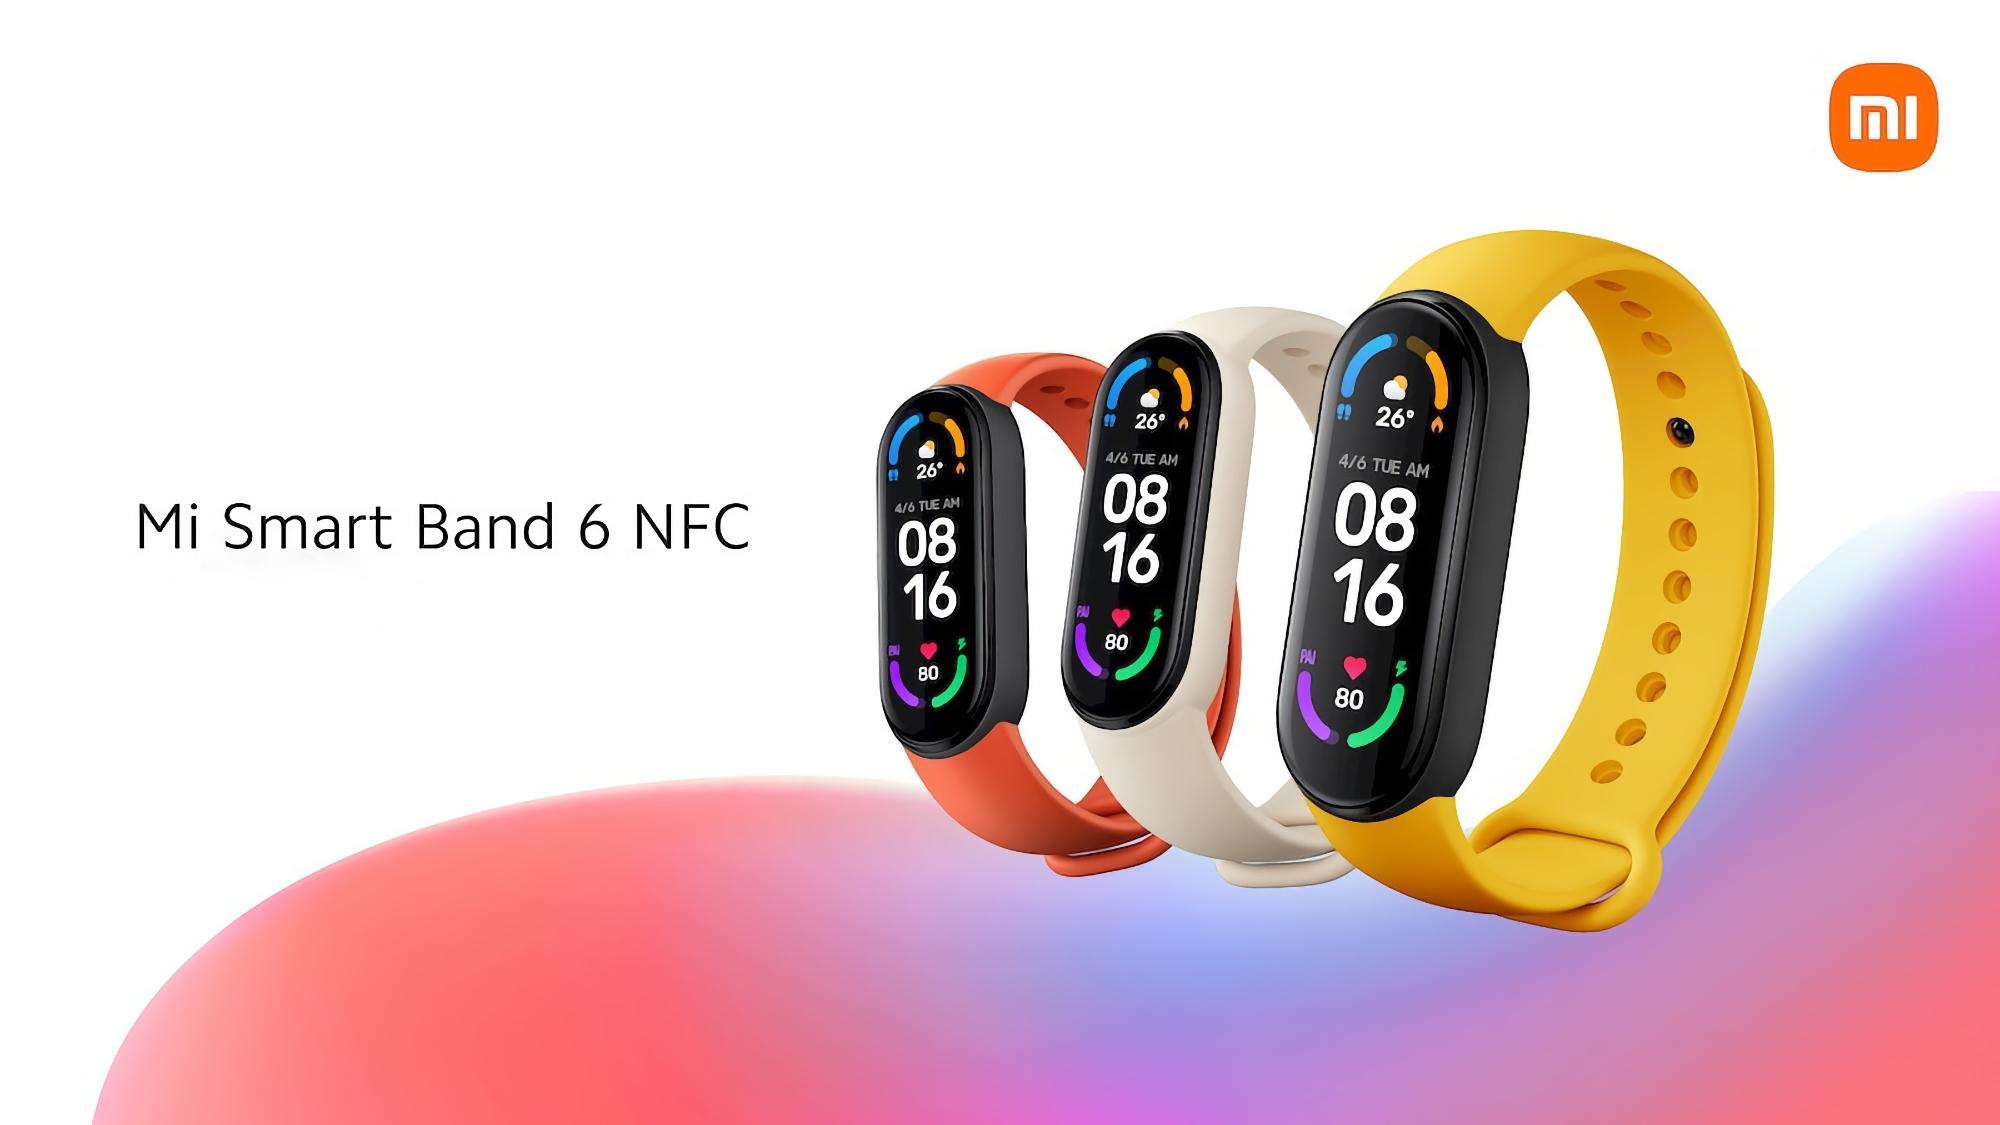 Xiaomi Mi Band 6 NFC начнут продавать в Украине 7 октября, его можно будет купить со скидкой